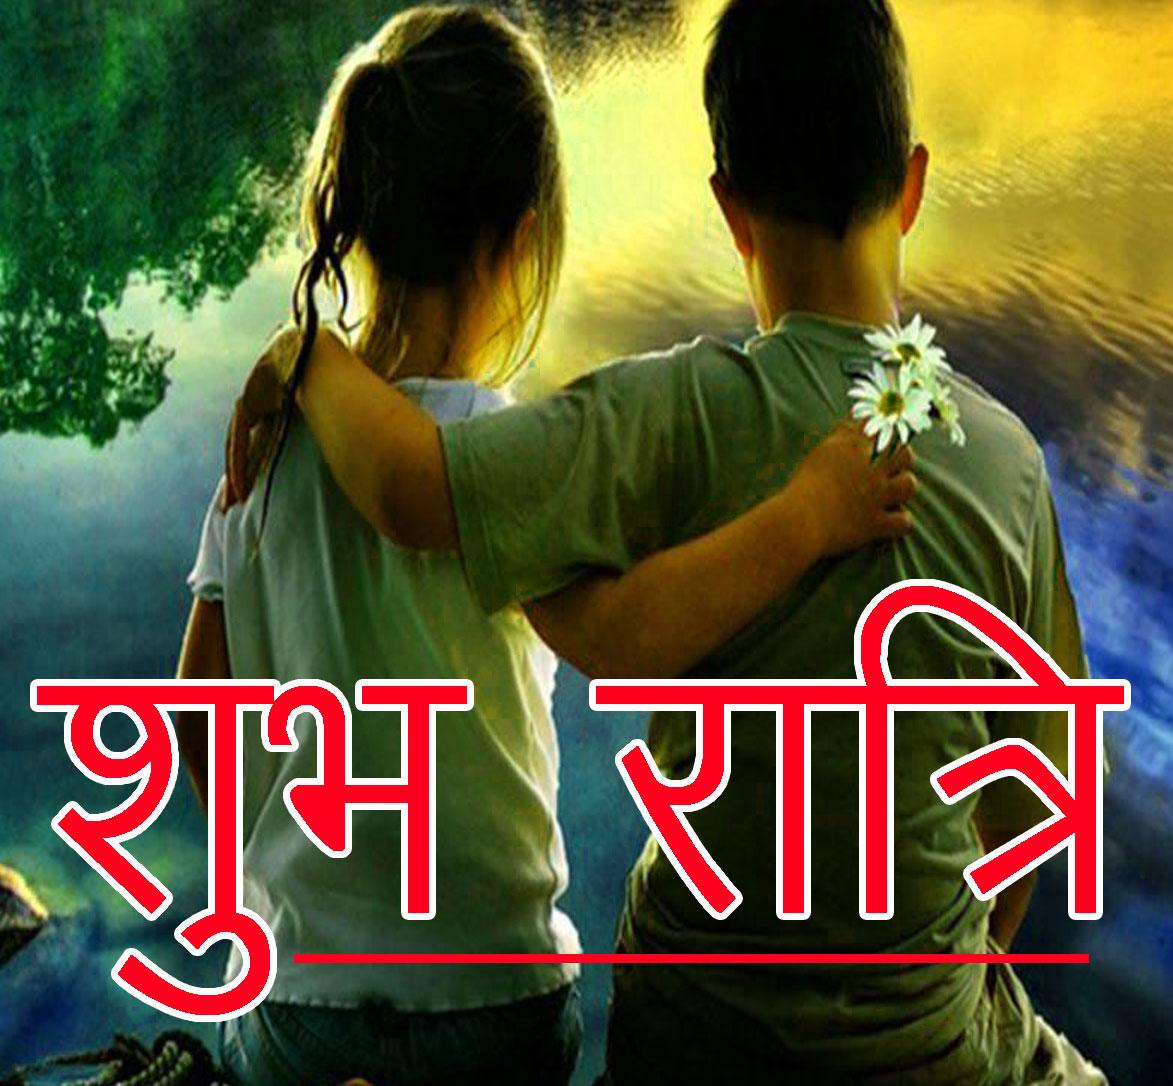 Shubh Ratri Wallpaper 54